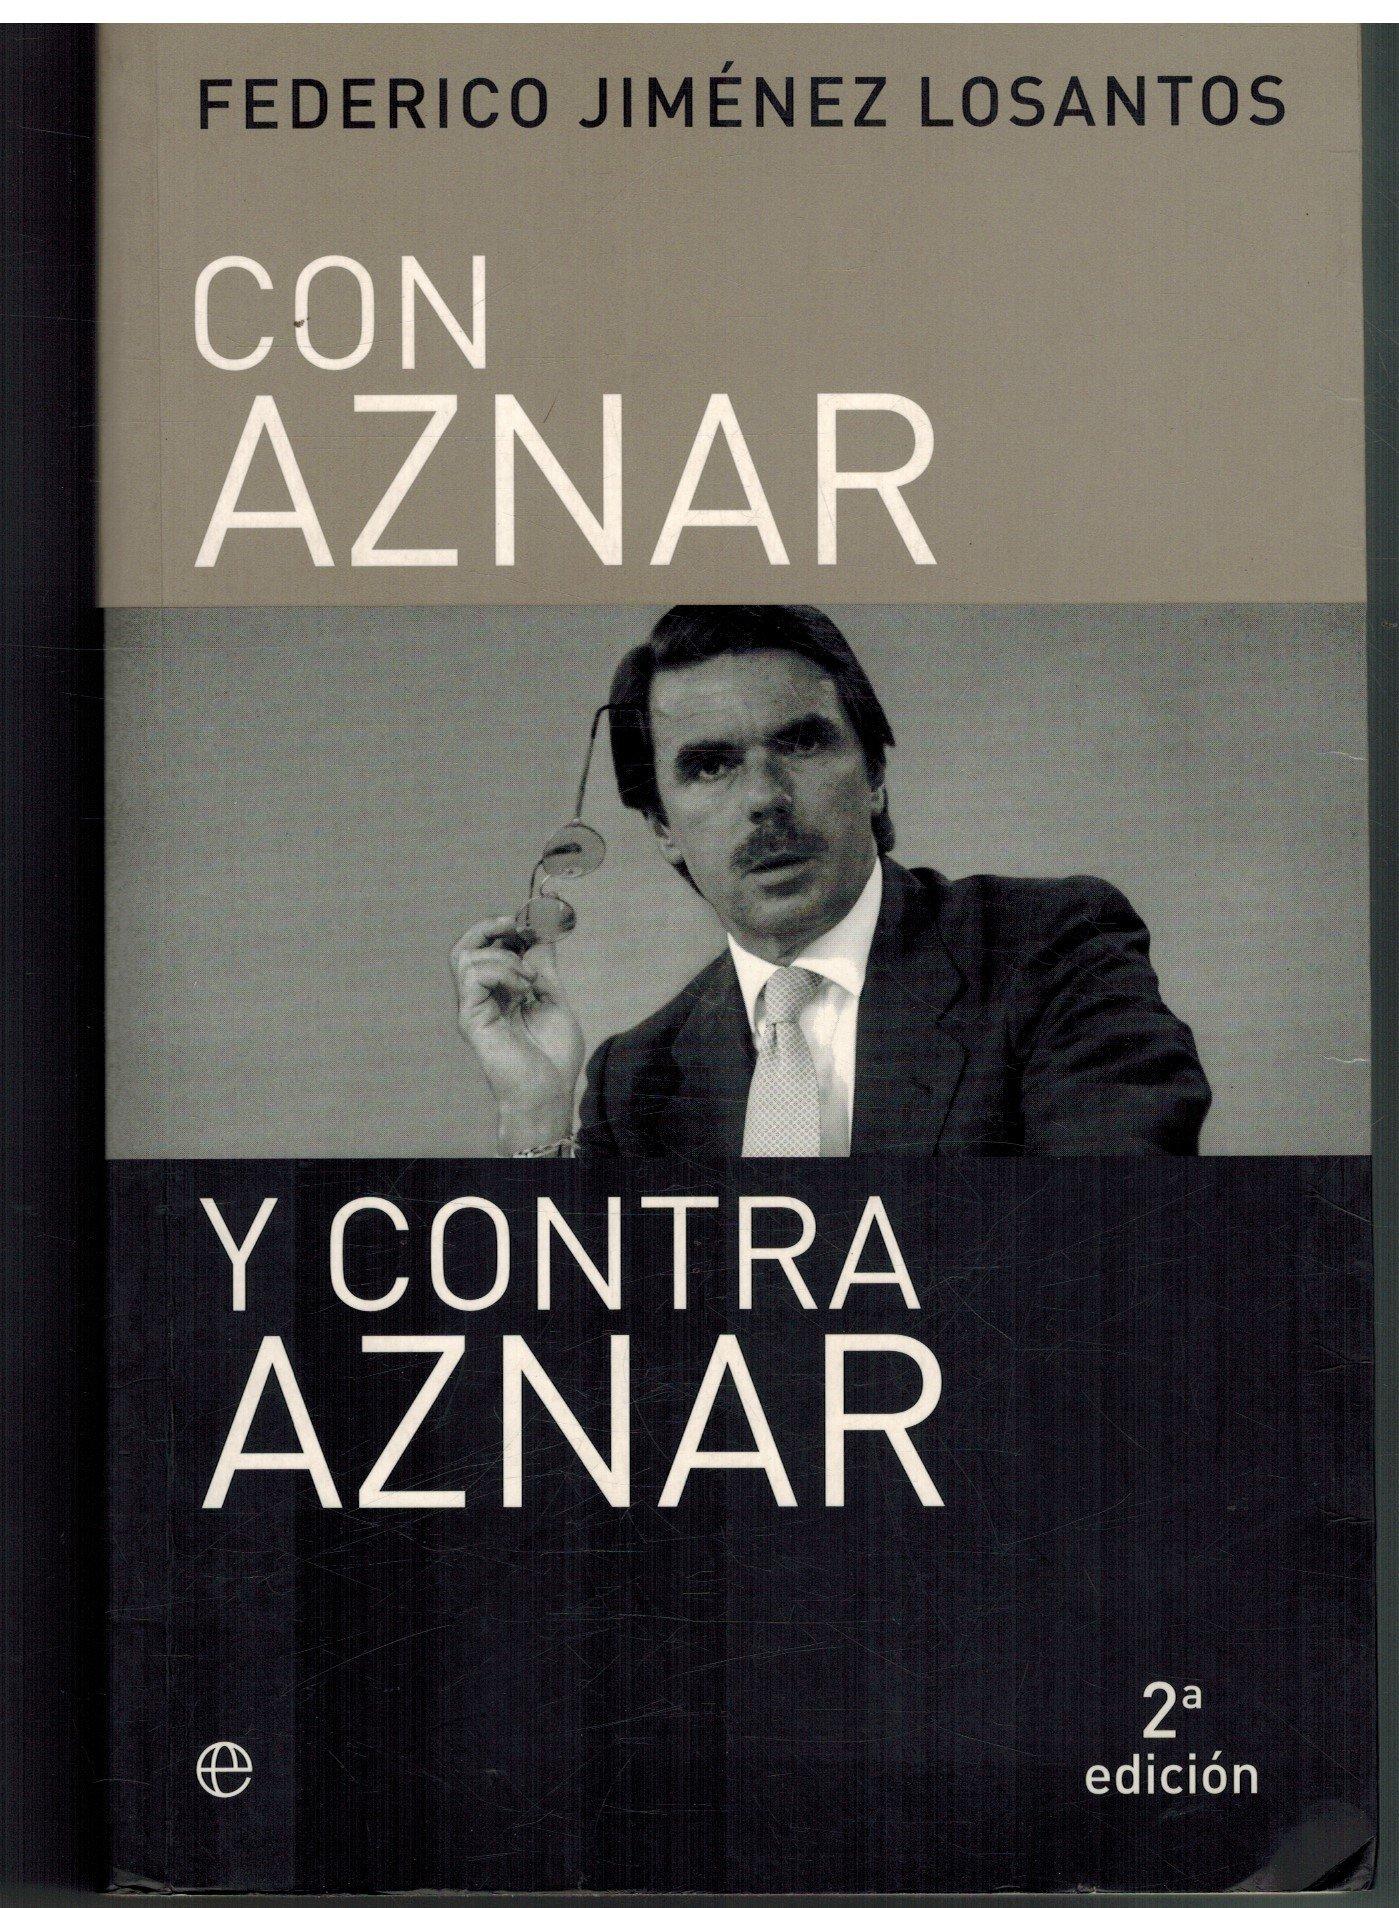 Con aznar y contra aznar (Actualidad): Amazon.es: Jimenez Losantos, Federico: Libros